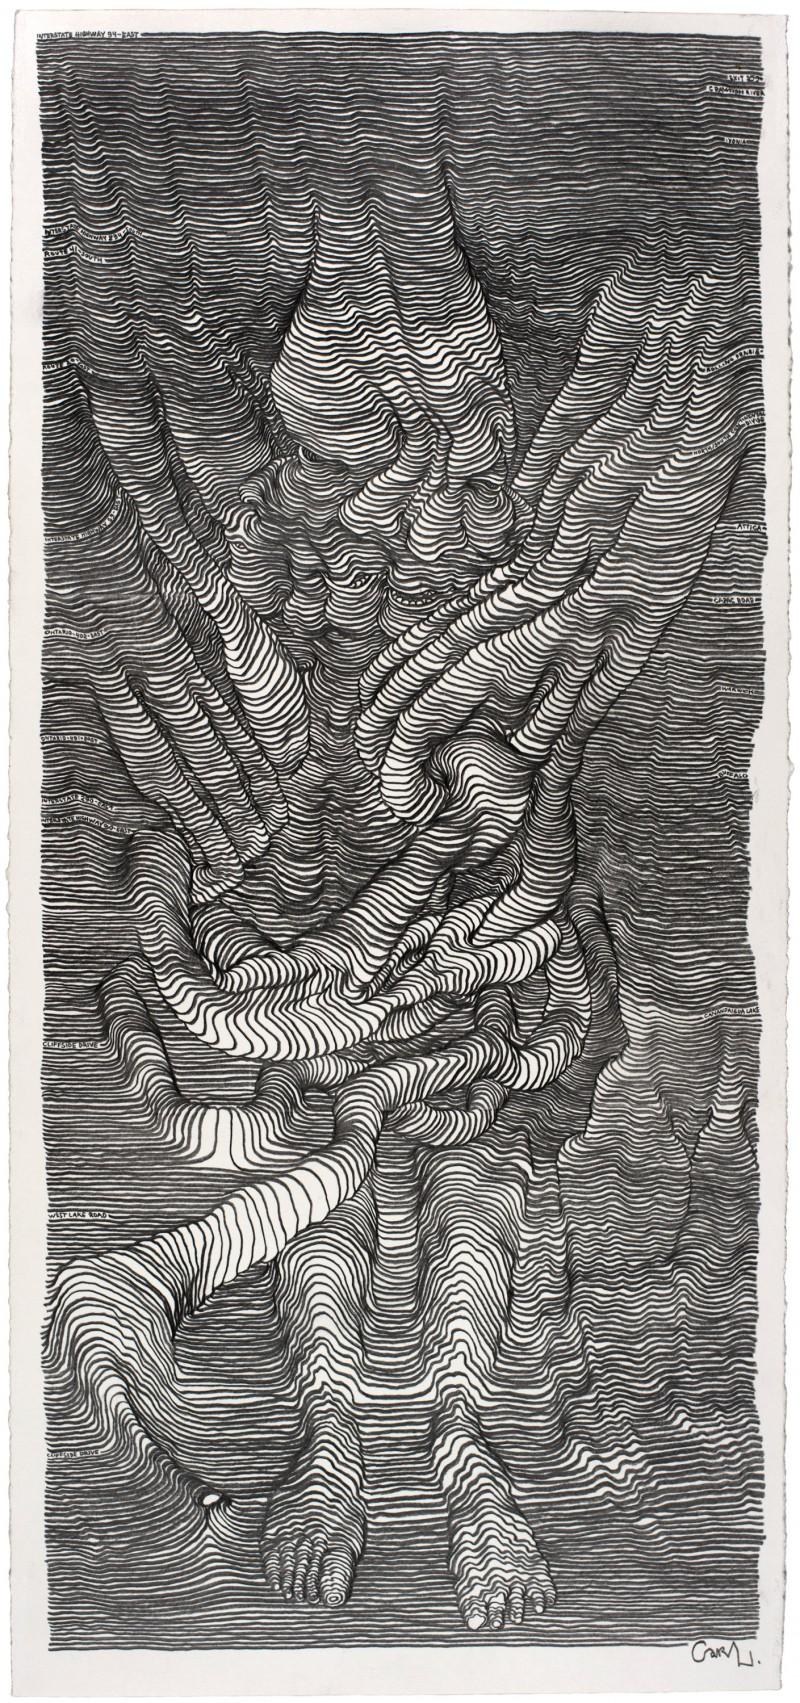 Unglaubliche graphische Linienskulpturen von Carl Krull_A Scroll Drawing